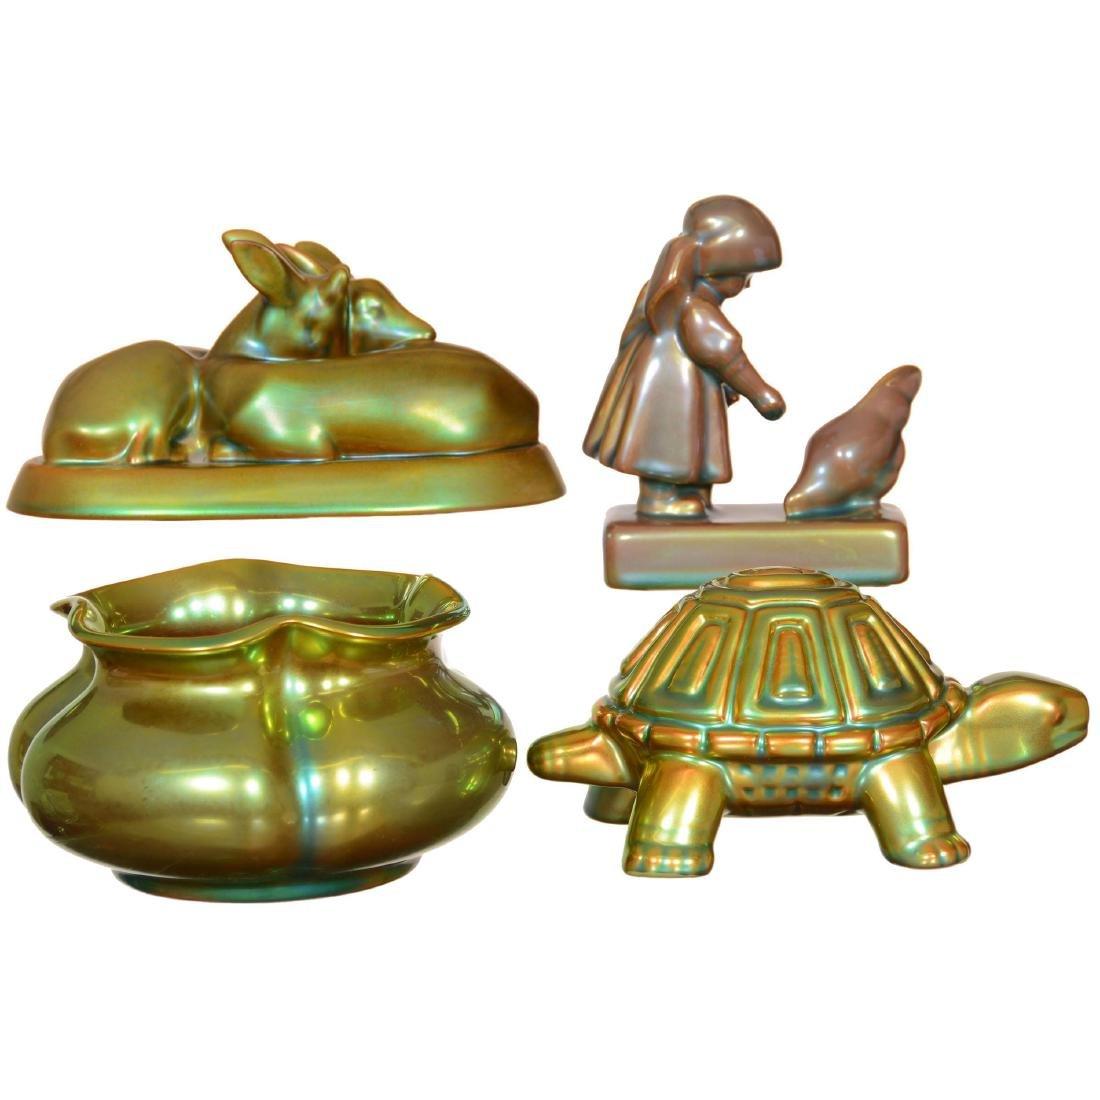 (4) Zsolnay Art Pottery Items